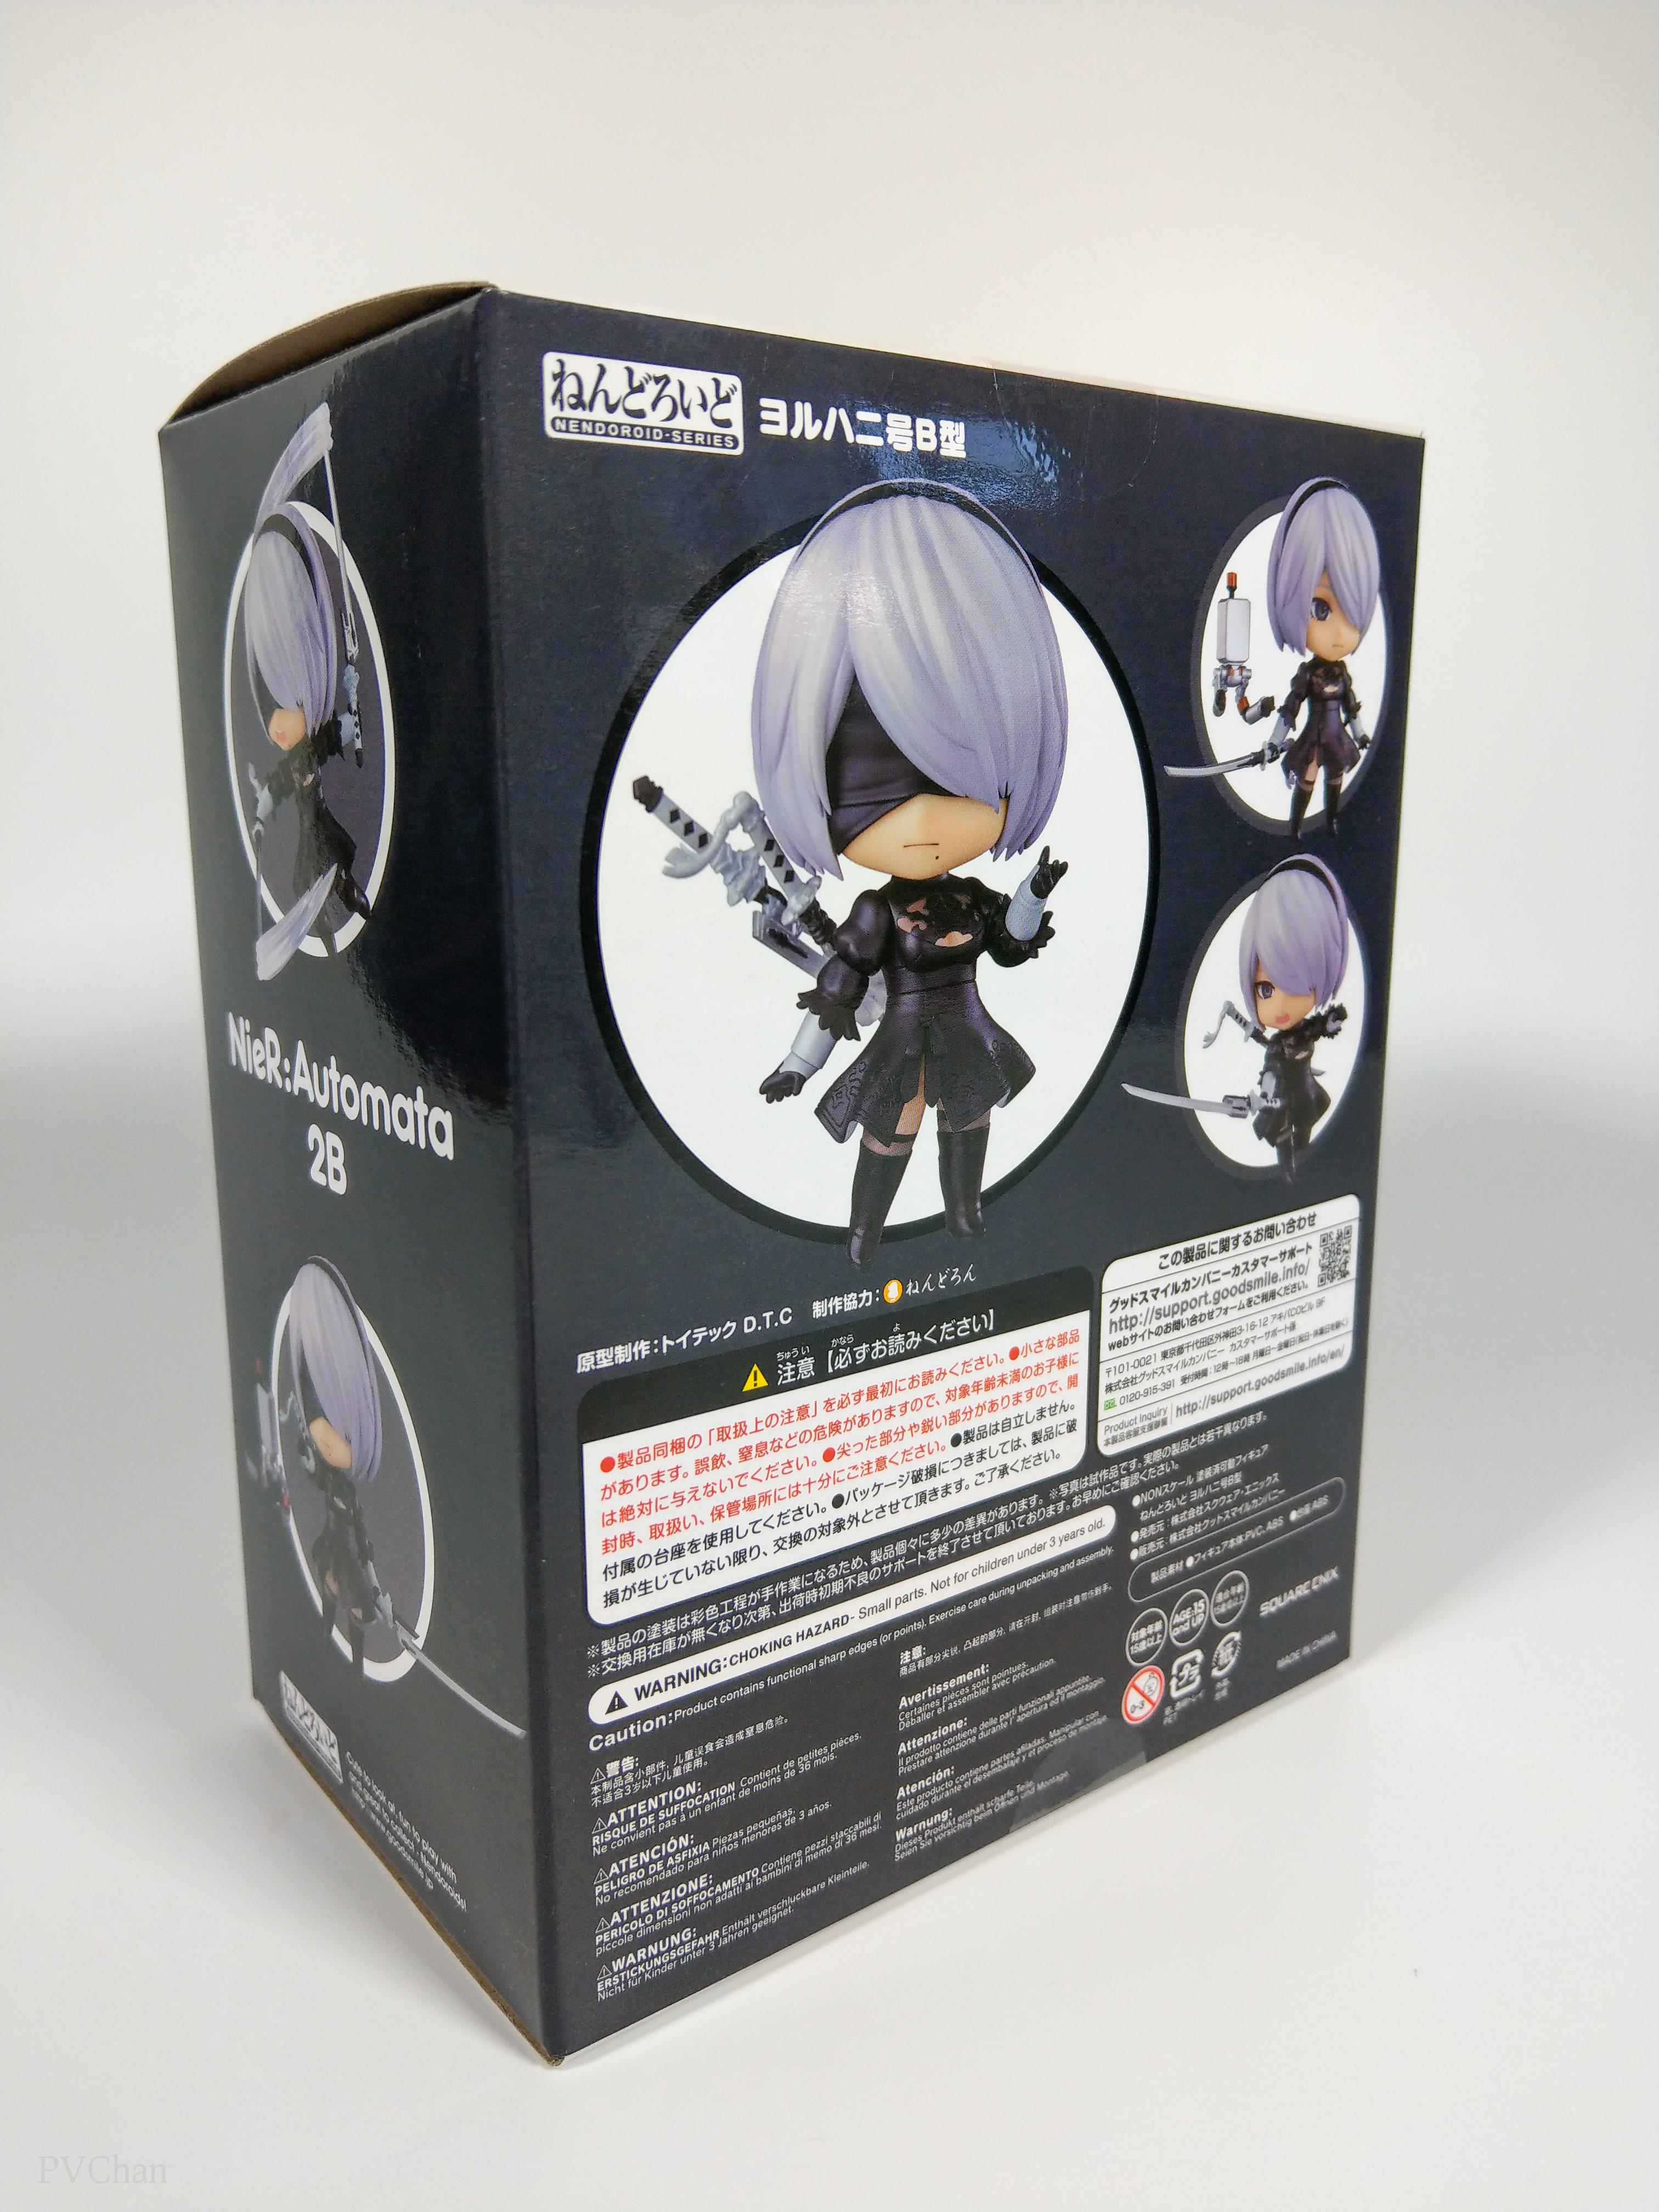 Нендороид 2B от Square Enix. - Изображение 3